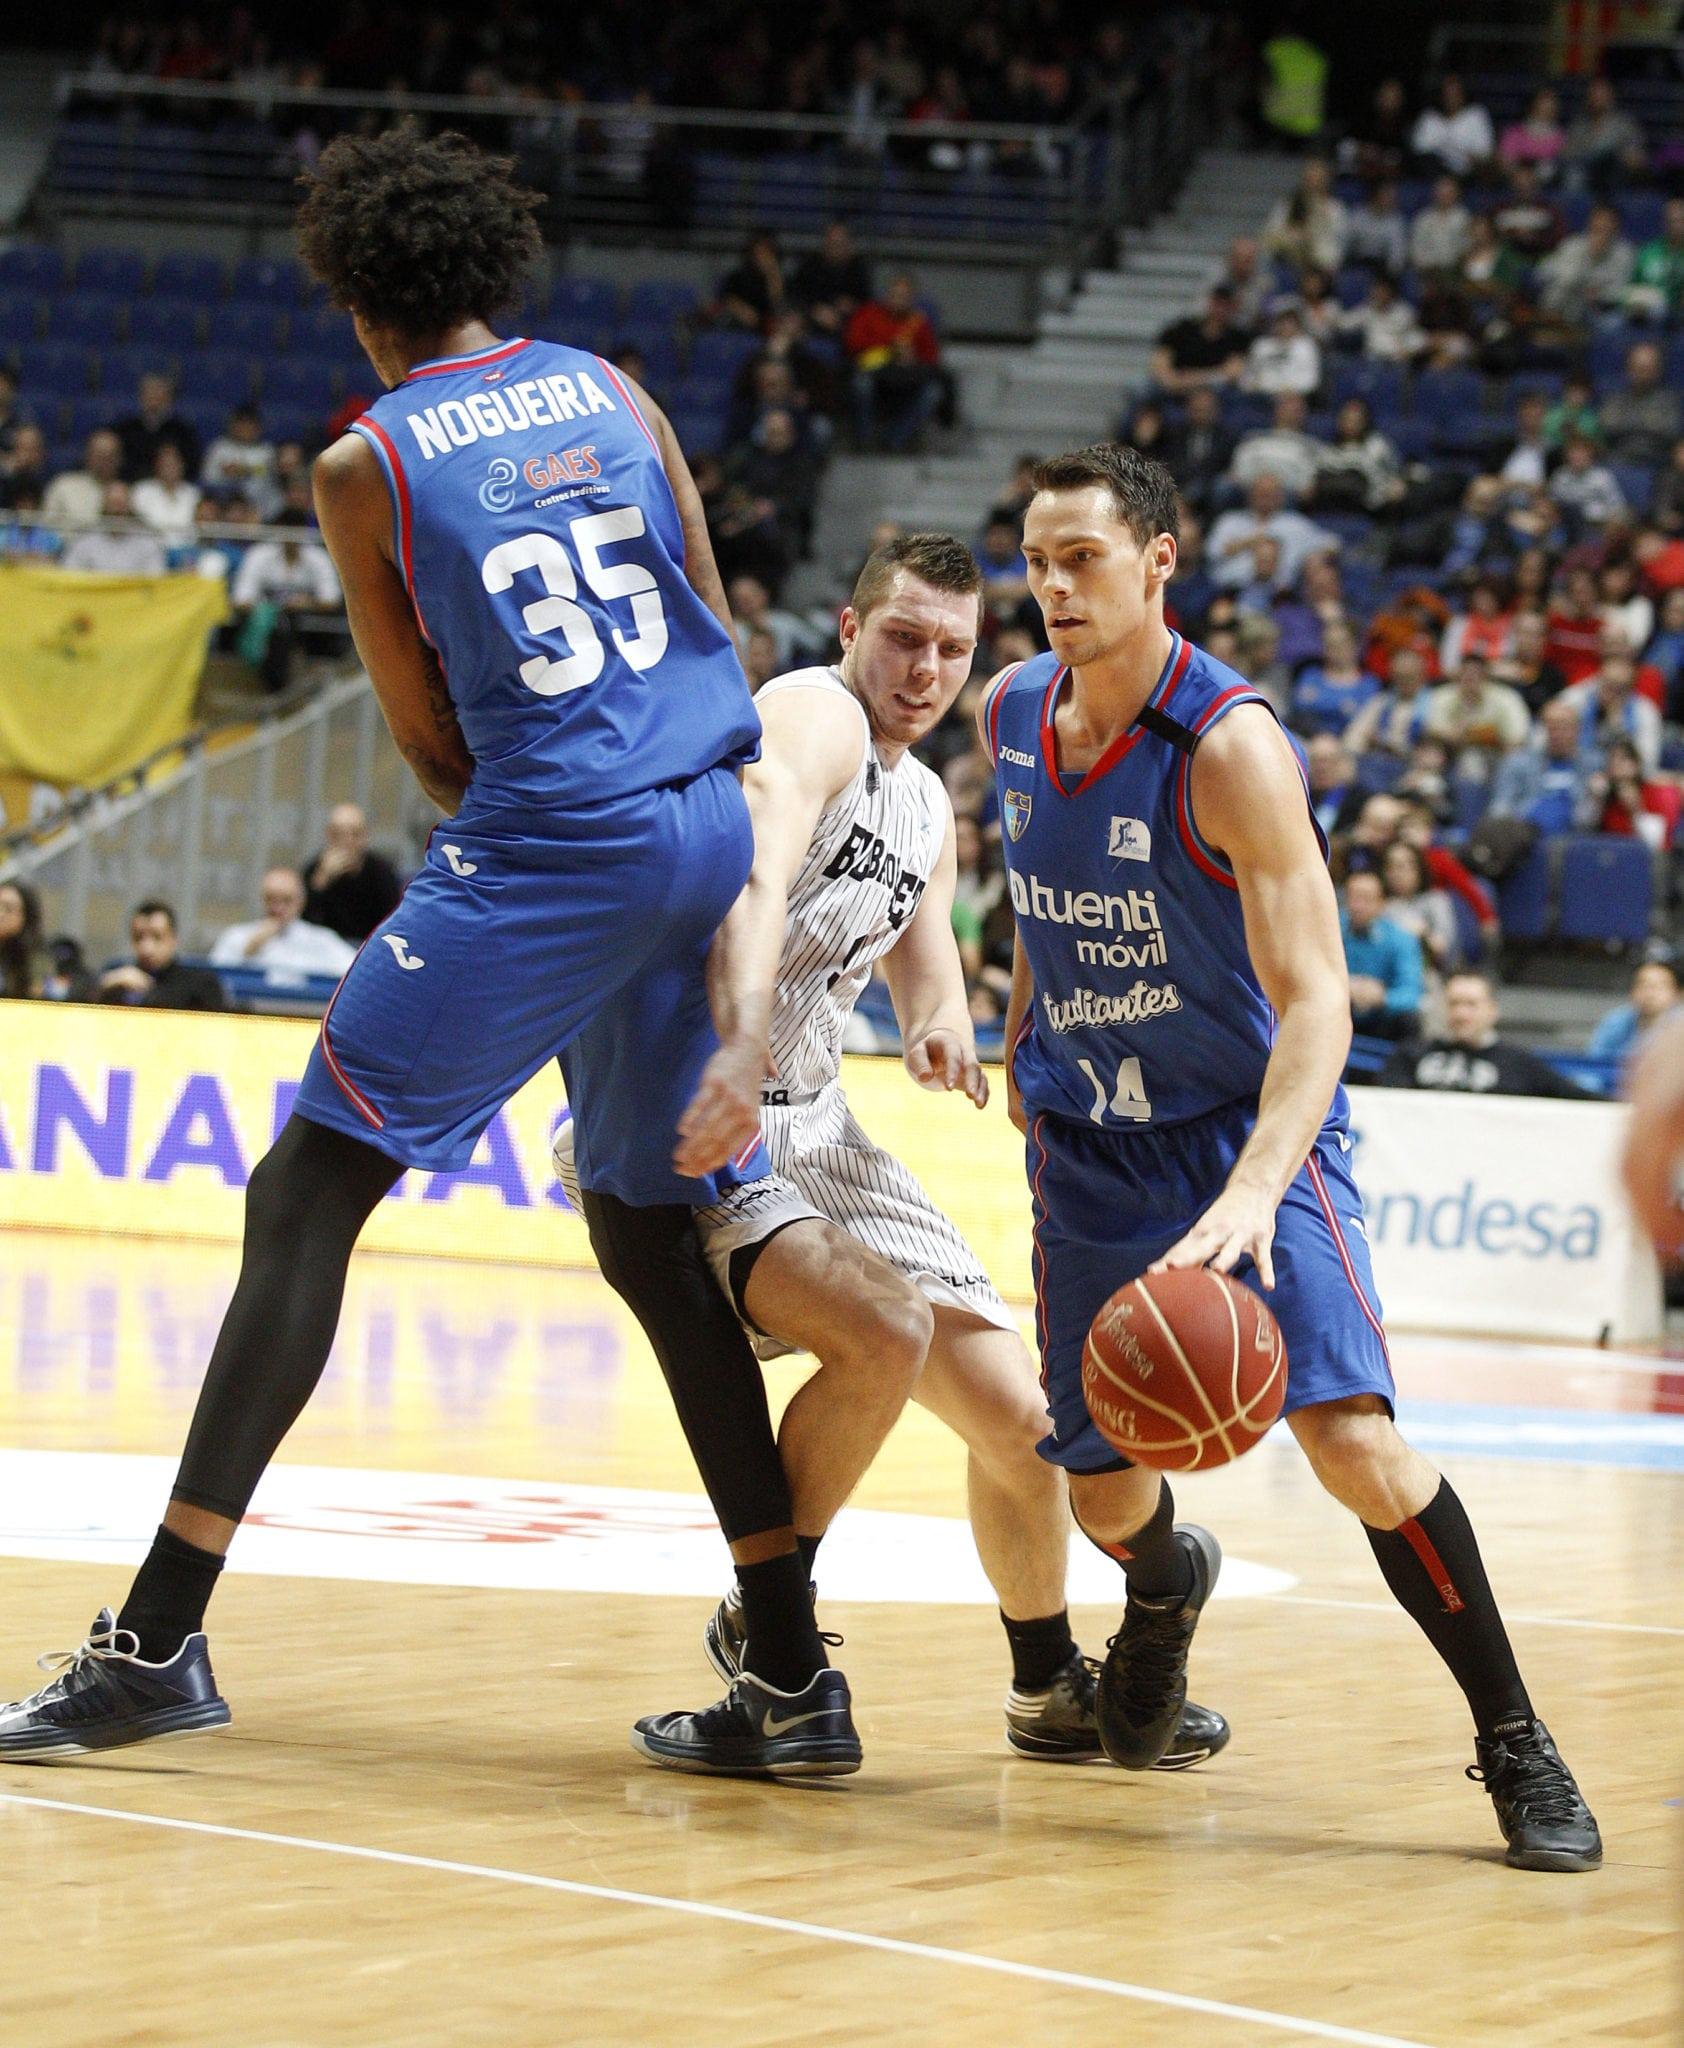 Óscar a la mejor actuación del año tras el descanso para remontar a Bilbao Basket (86-80)